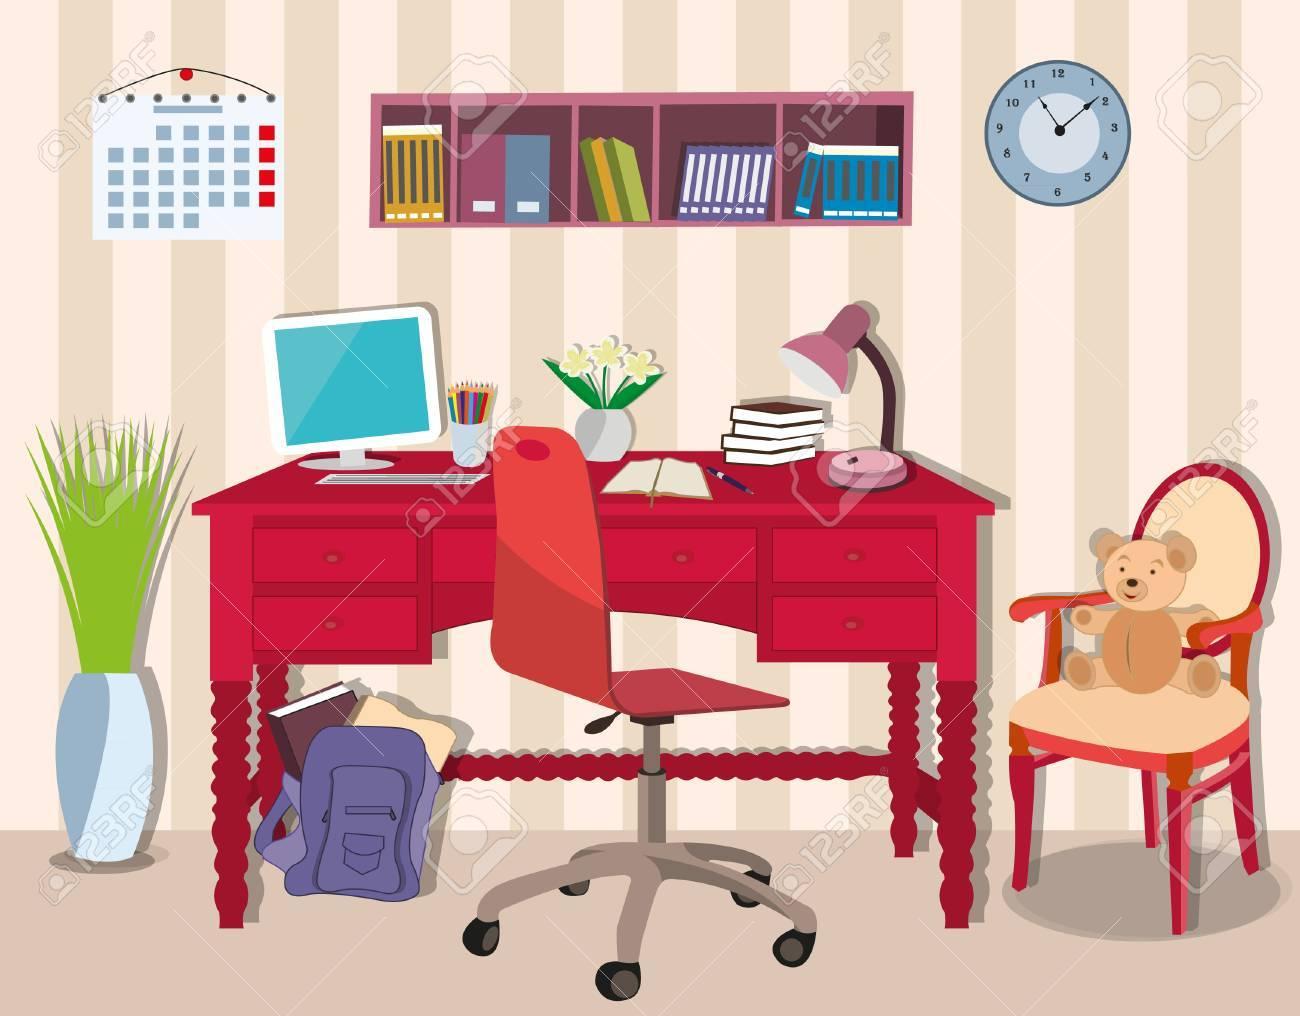 Moderner Kühler Jugendlichraum Mit Arbeitsplatztabelle, Stuhl, Lampe ...